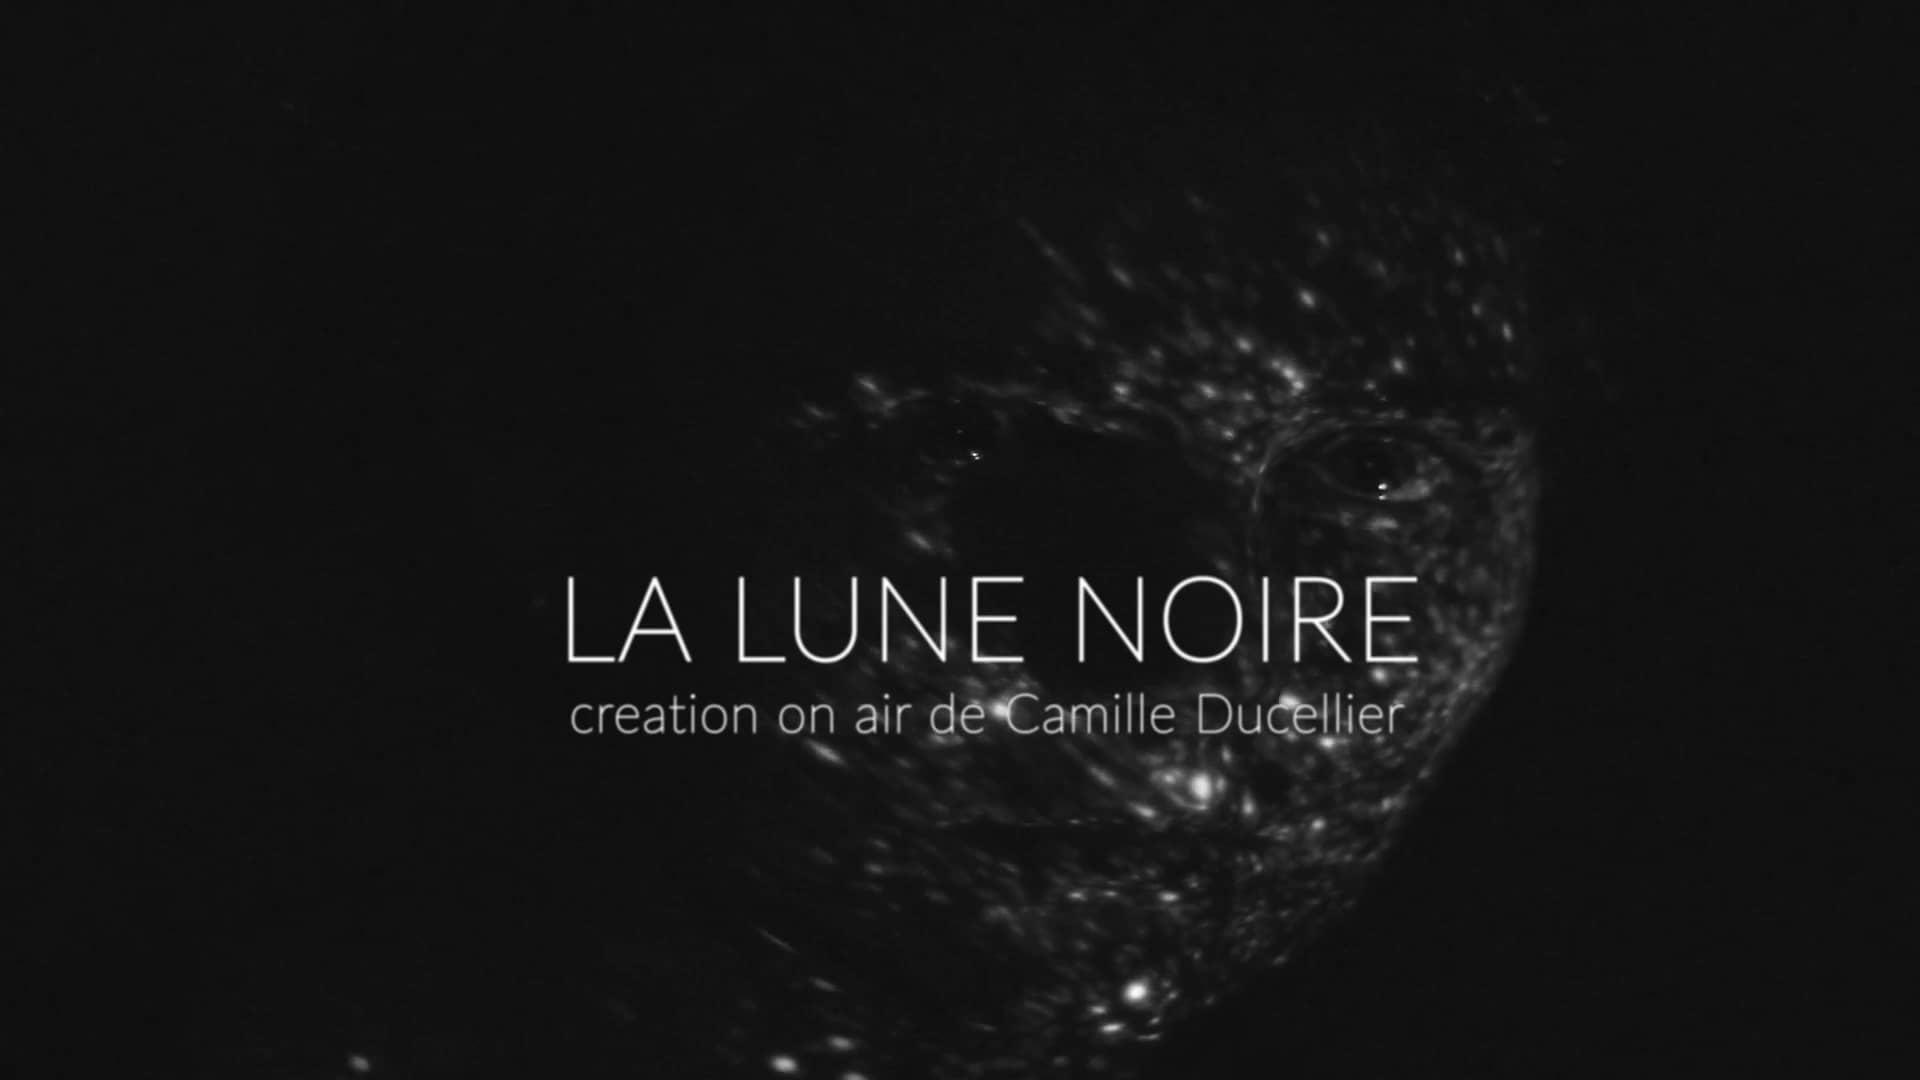 HQ Lune Noire Wallpapers | File 32.48Kb